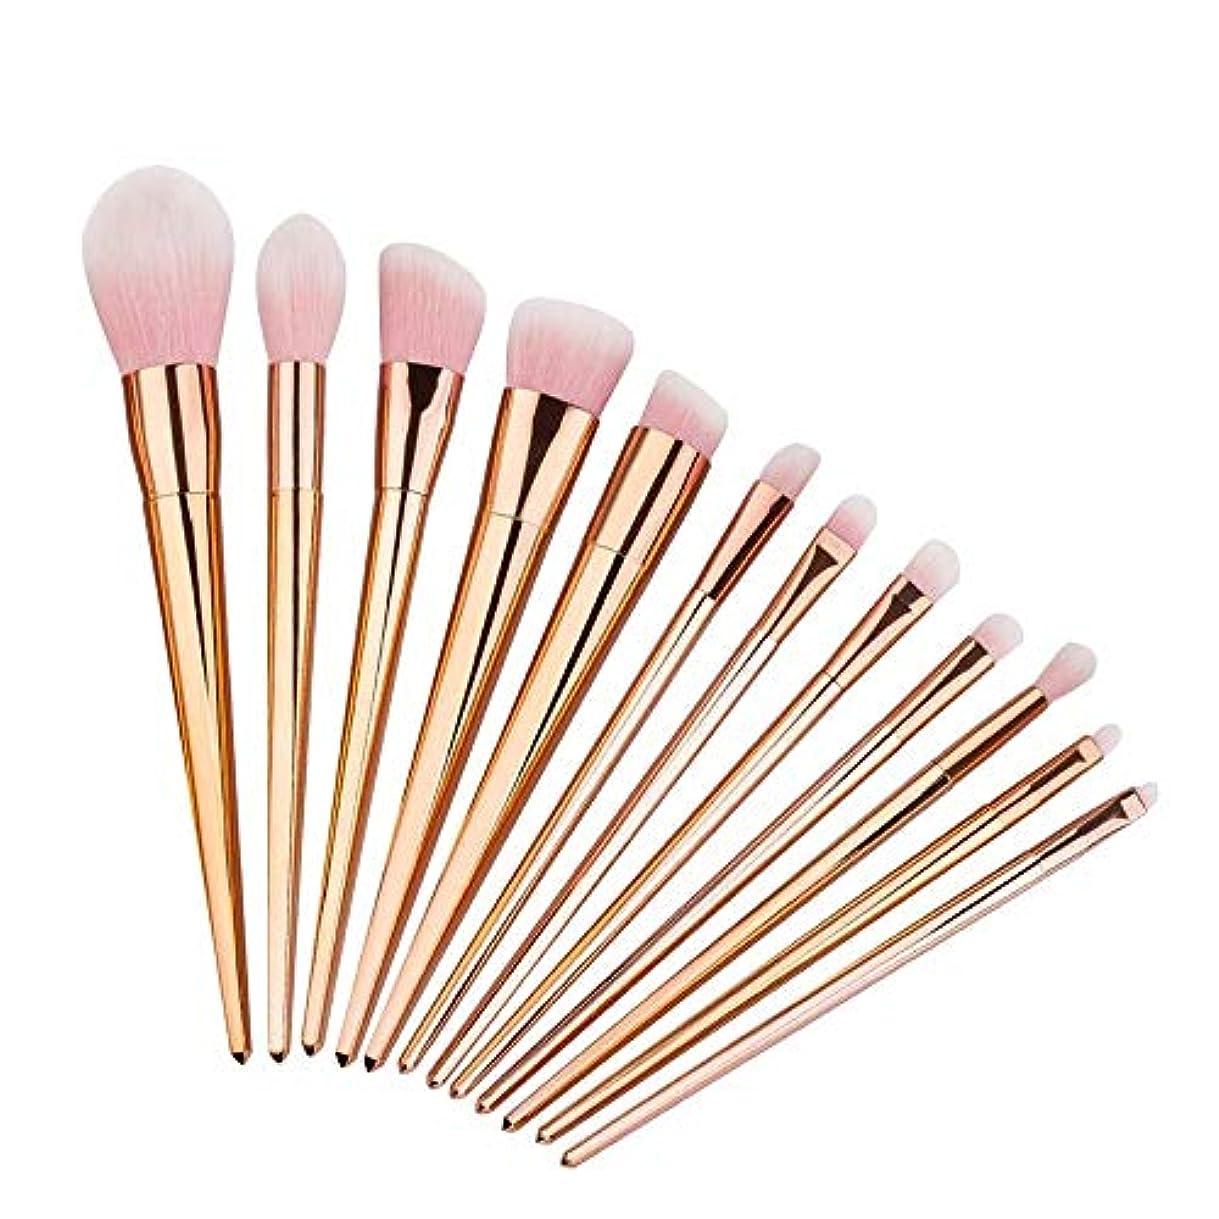 無秩序ギャングスター許さないプロフェッショナル メイクブラシ 化粧筆 シリーズ 化粧ブラシセット 高級タクロン 超柔らかい 可愛い リップブラシツール 12本セット